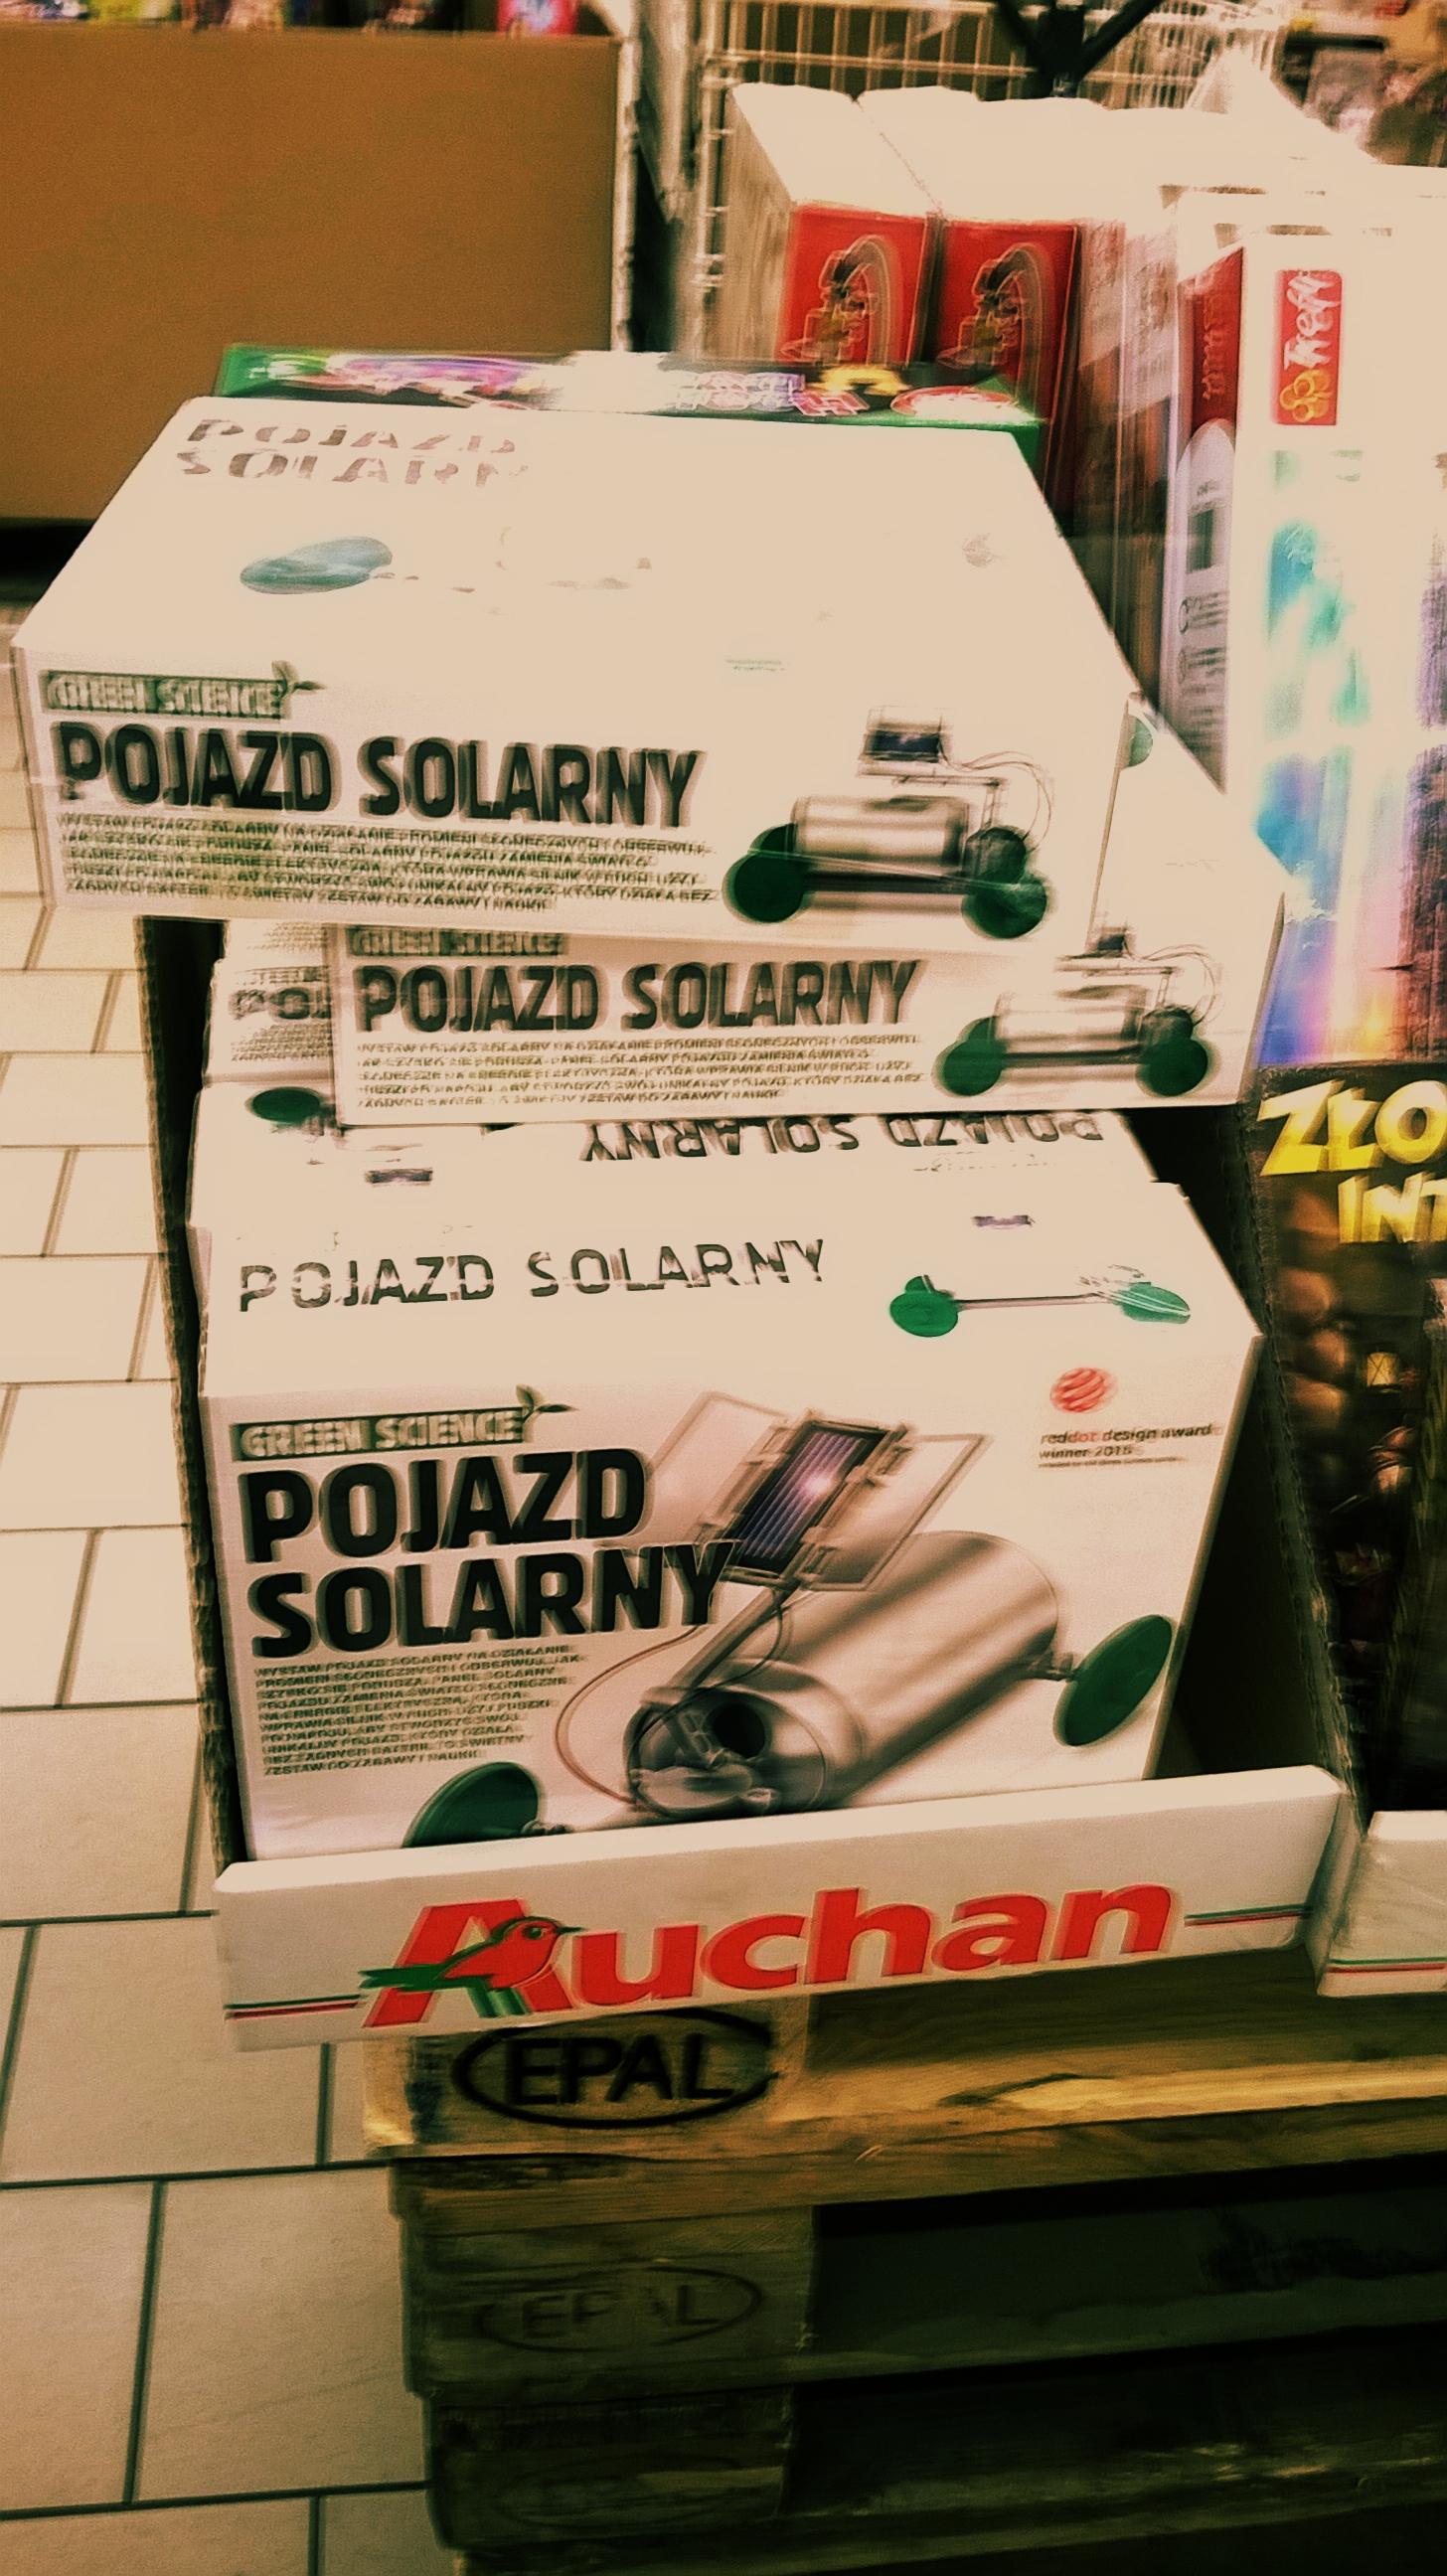 Pojazd Solarny kreatywna zabawa Green Science @ Auchan Okęcie